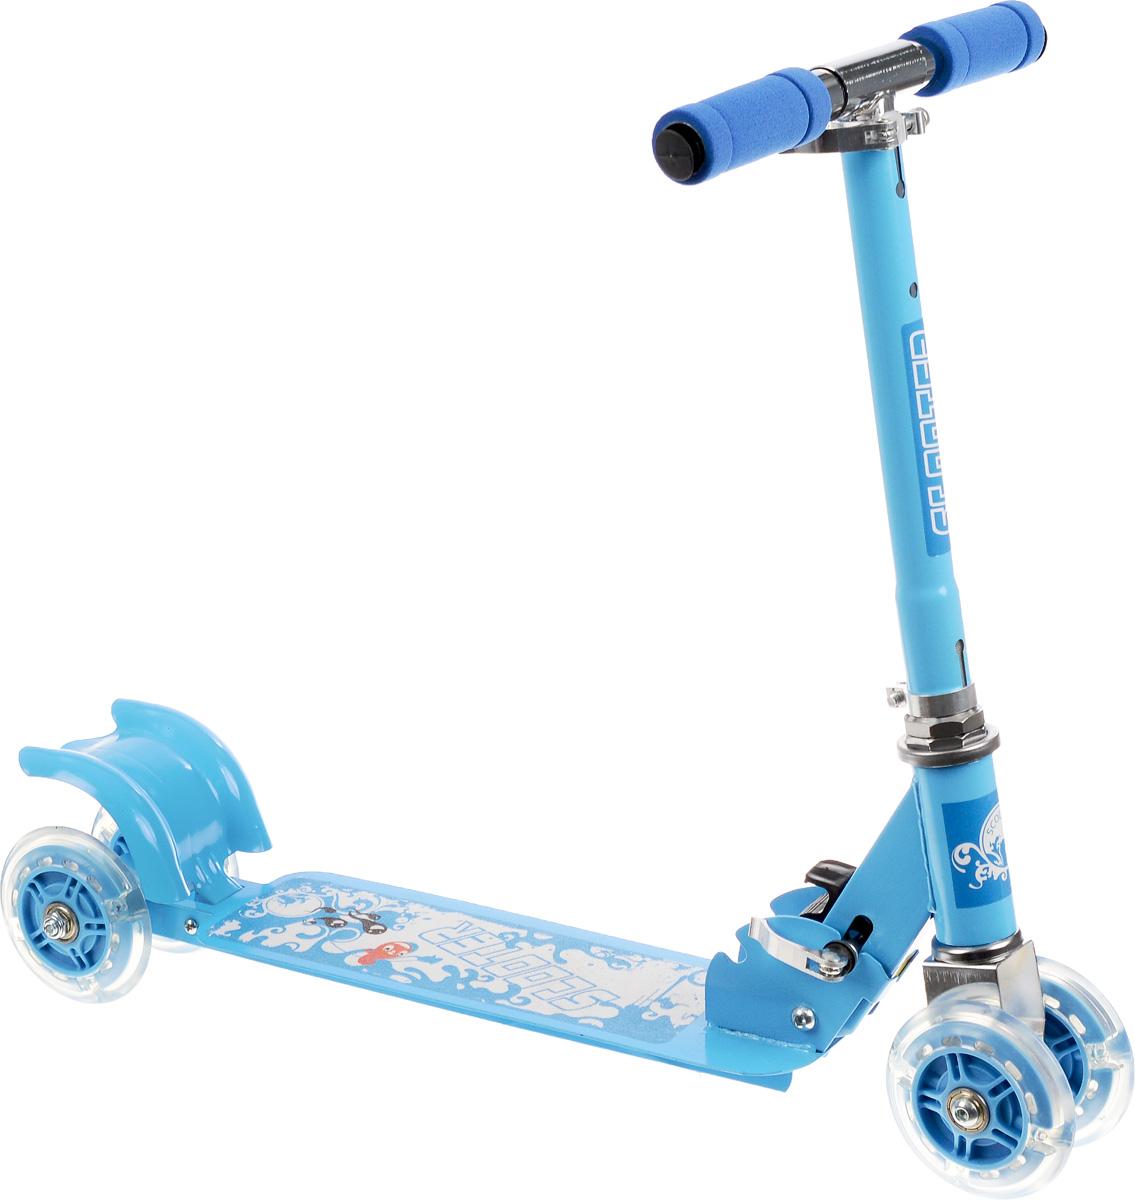 """Самокат четырехколесный """"Charming Sports"""", цвет: голубой, белый. CMS010"""